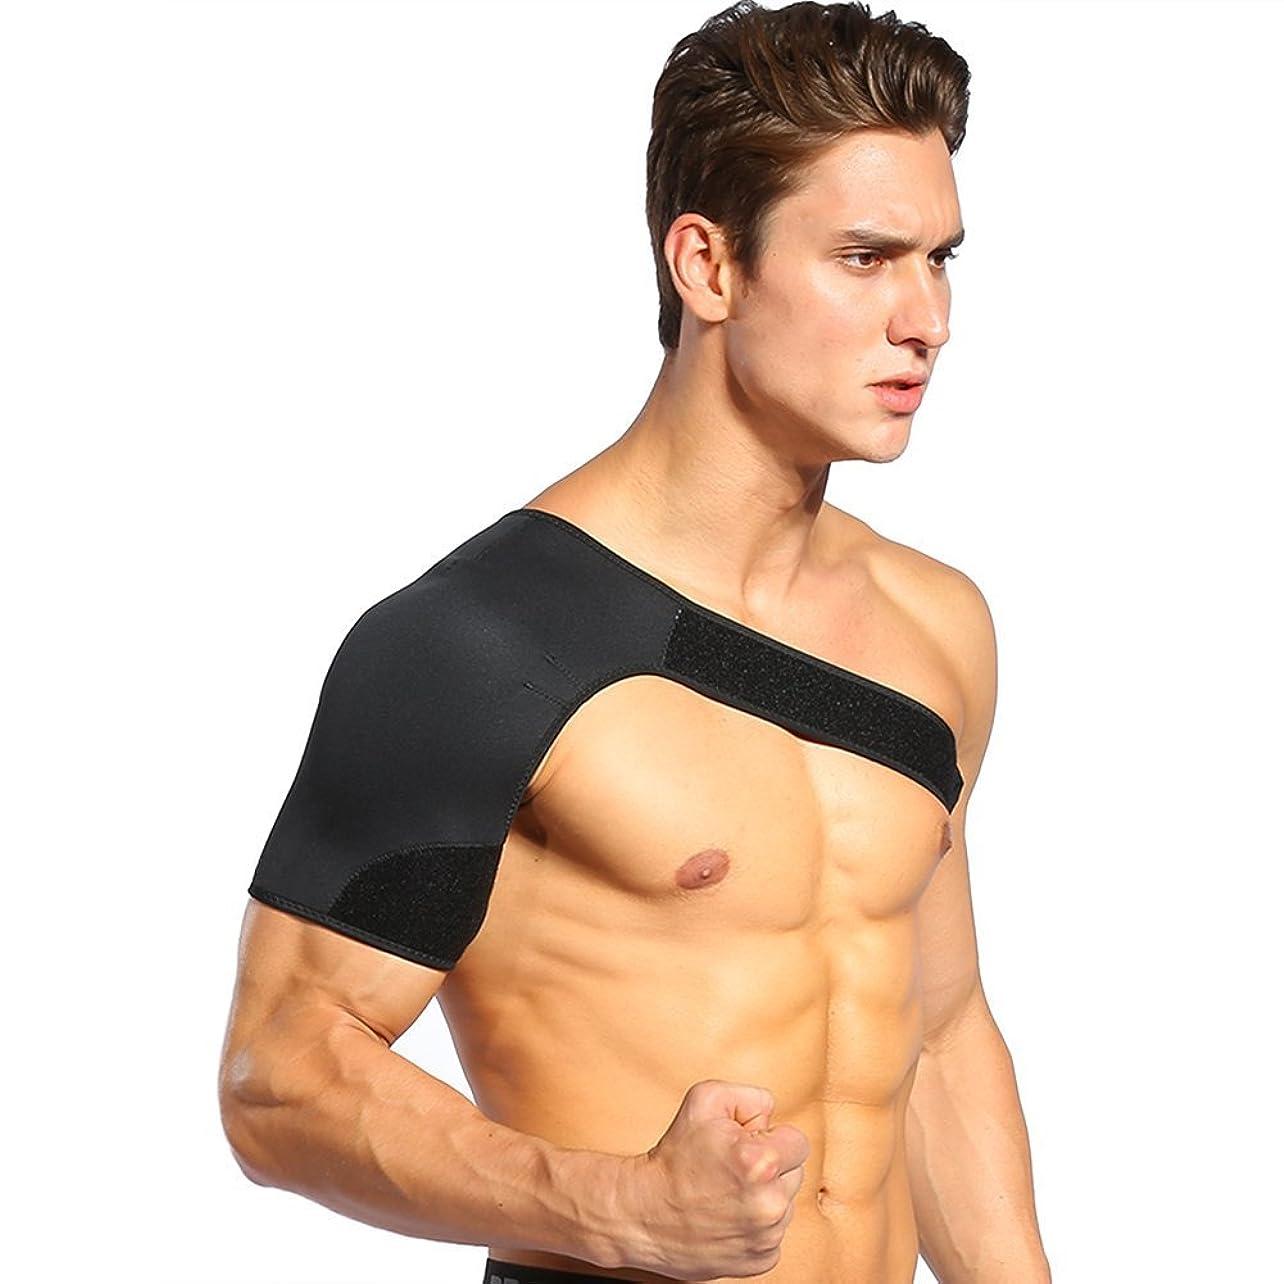 アニメーションライターやる肩サポーター ショルダーサポート 肩こり 五十肩 フリーサイズ 調節可能 簡単装着 肩の痛み解消 肩の固定 保護 怪我防止 肩痛補助ベルト付き マジックテープ式 男女適用 スポーツにも役に立つ 右肩用